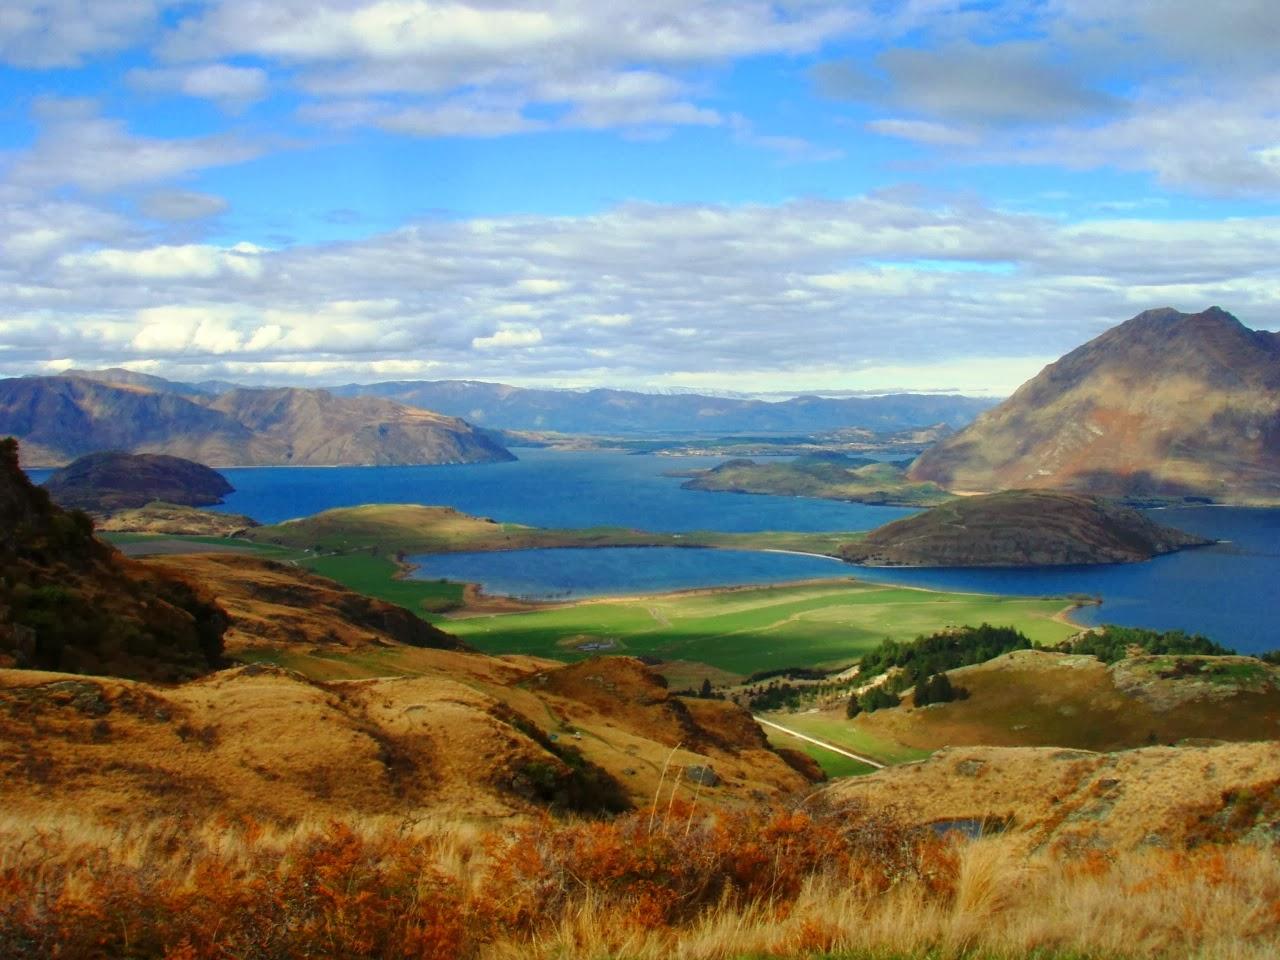 Wanaka New Zealand  city photos gallery : Wanaka New Zealand Tourists at Wanaka Can Easily and Conveniently Walk ...